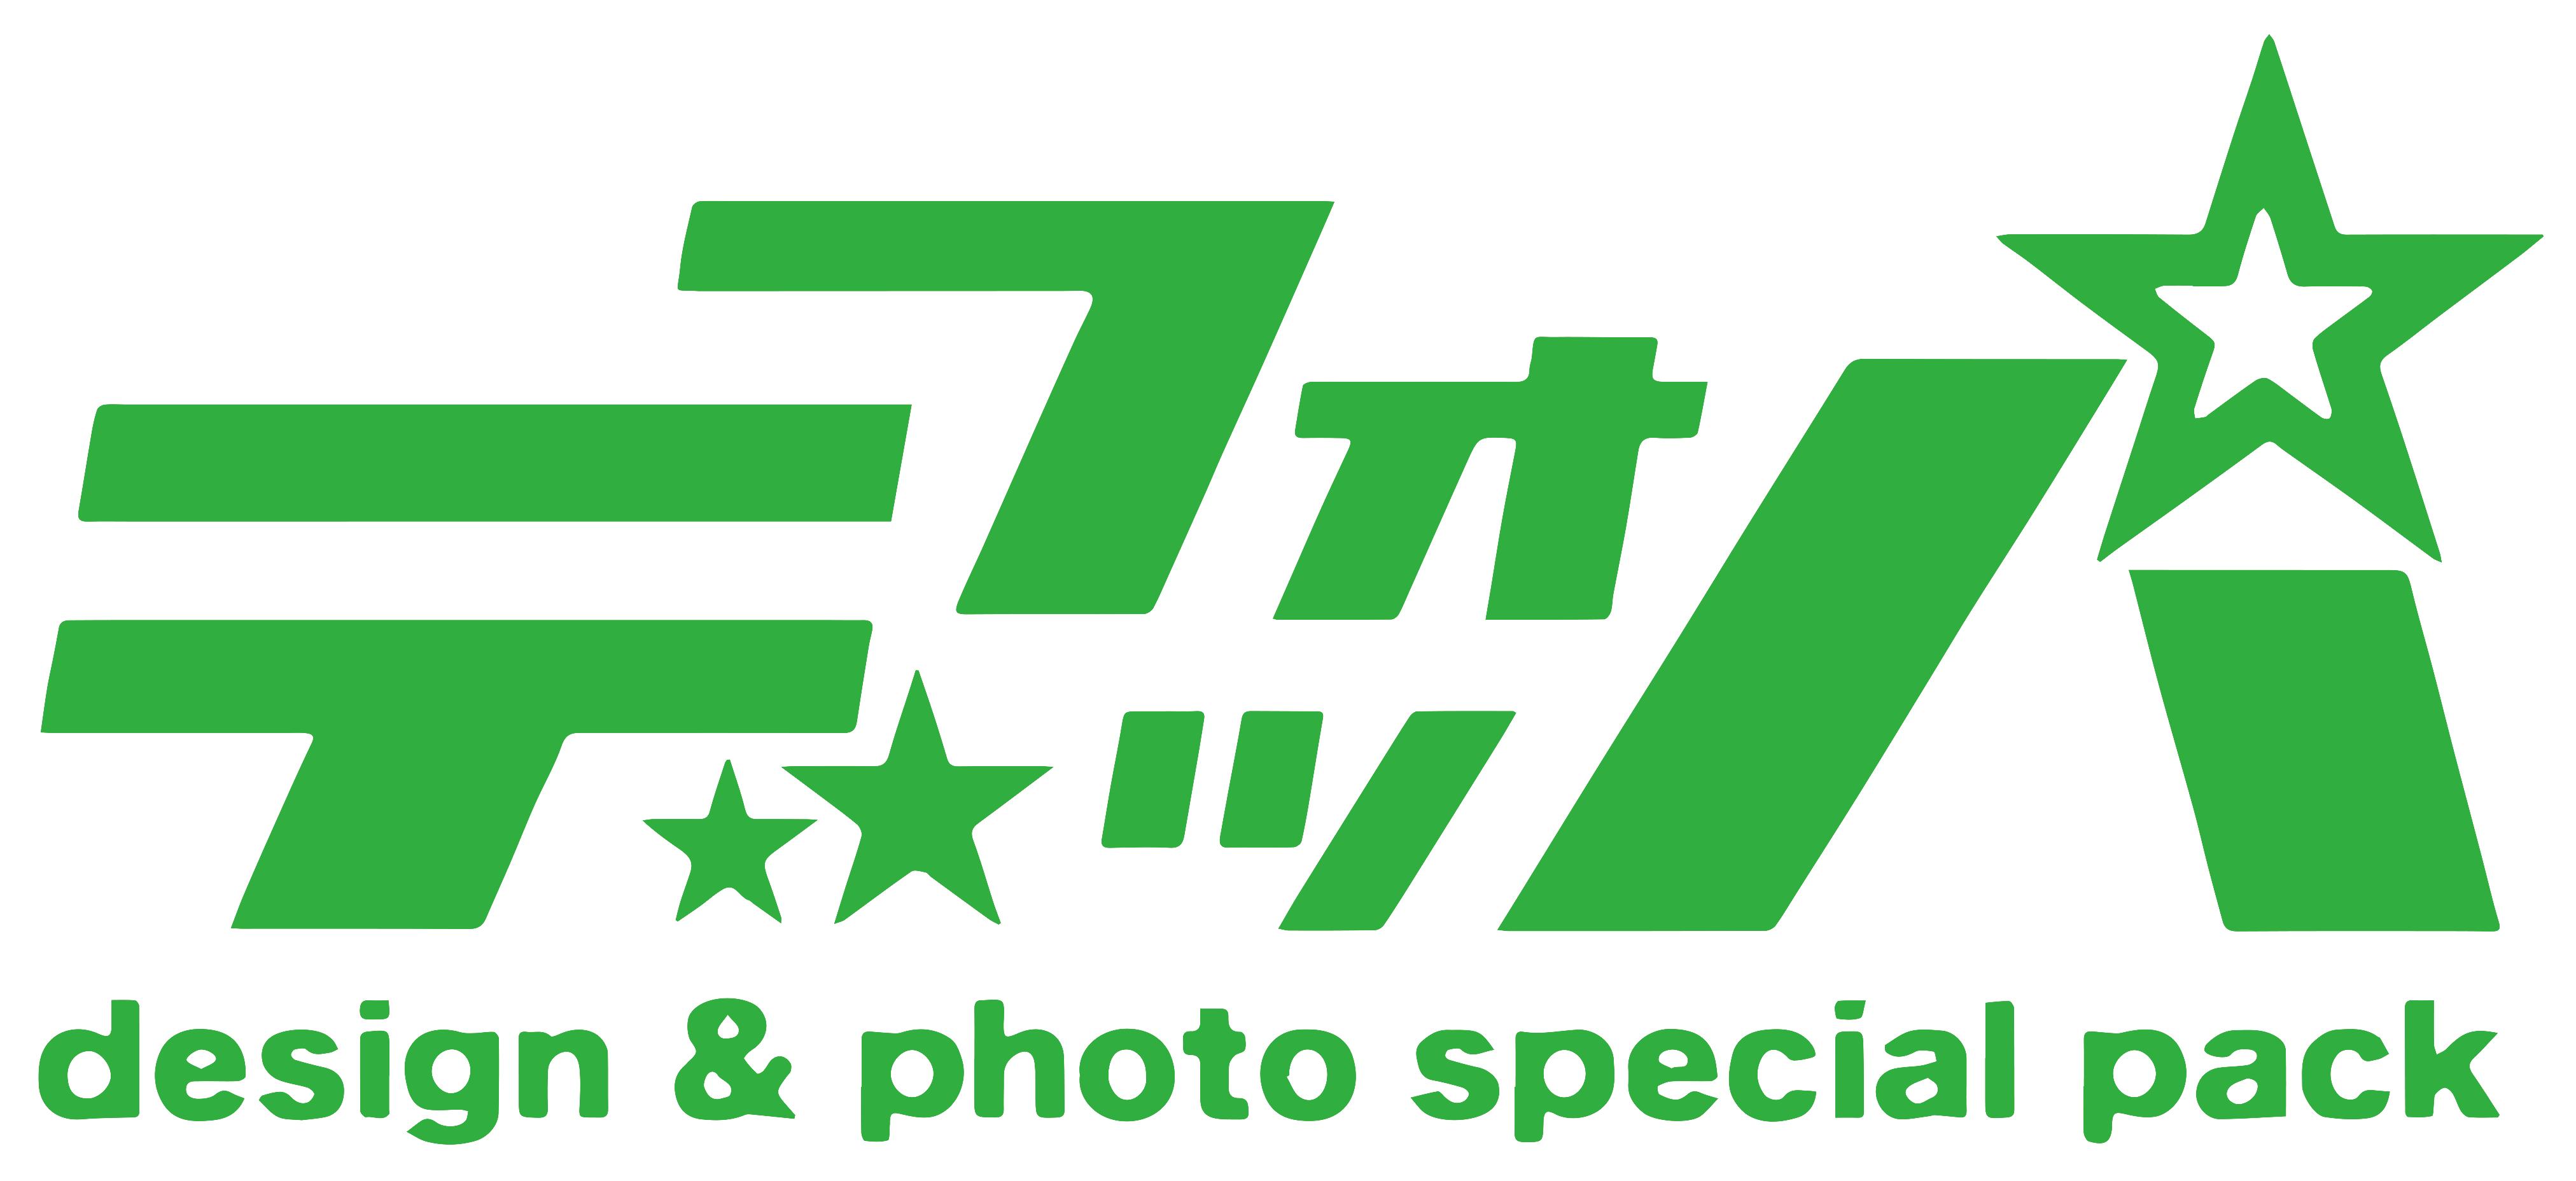 「デフォッパ」のサムネイル画像。カメラマンとデザイナーが スタートの段階からタッグを組んで写真とデザインを提案するサービス。